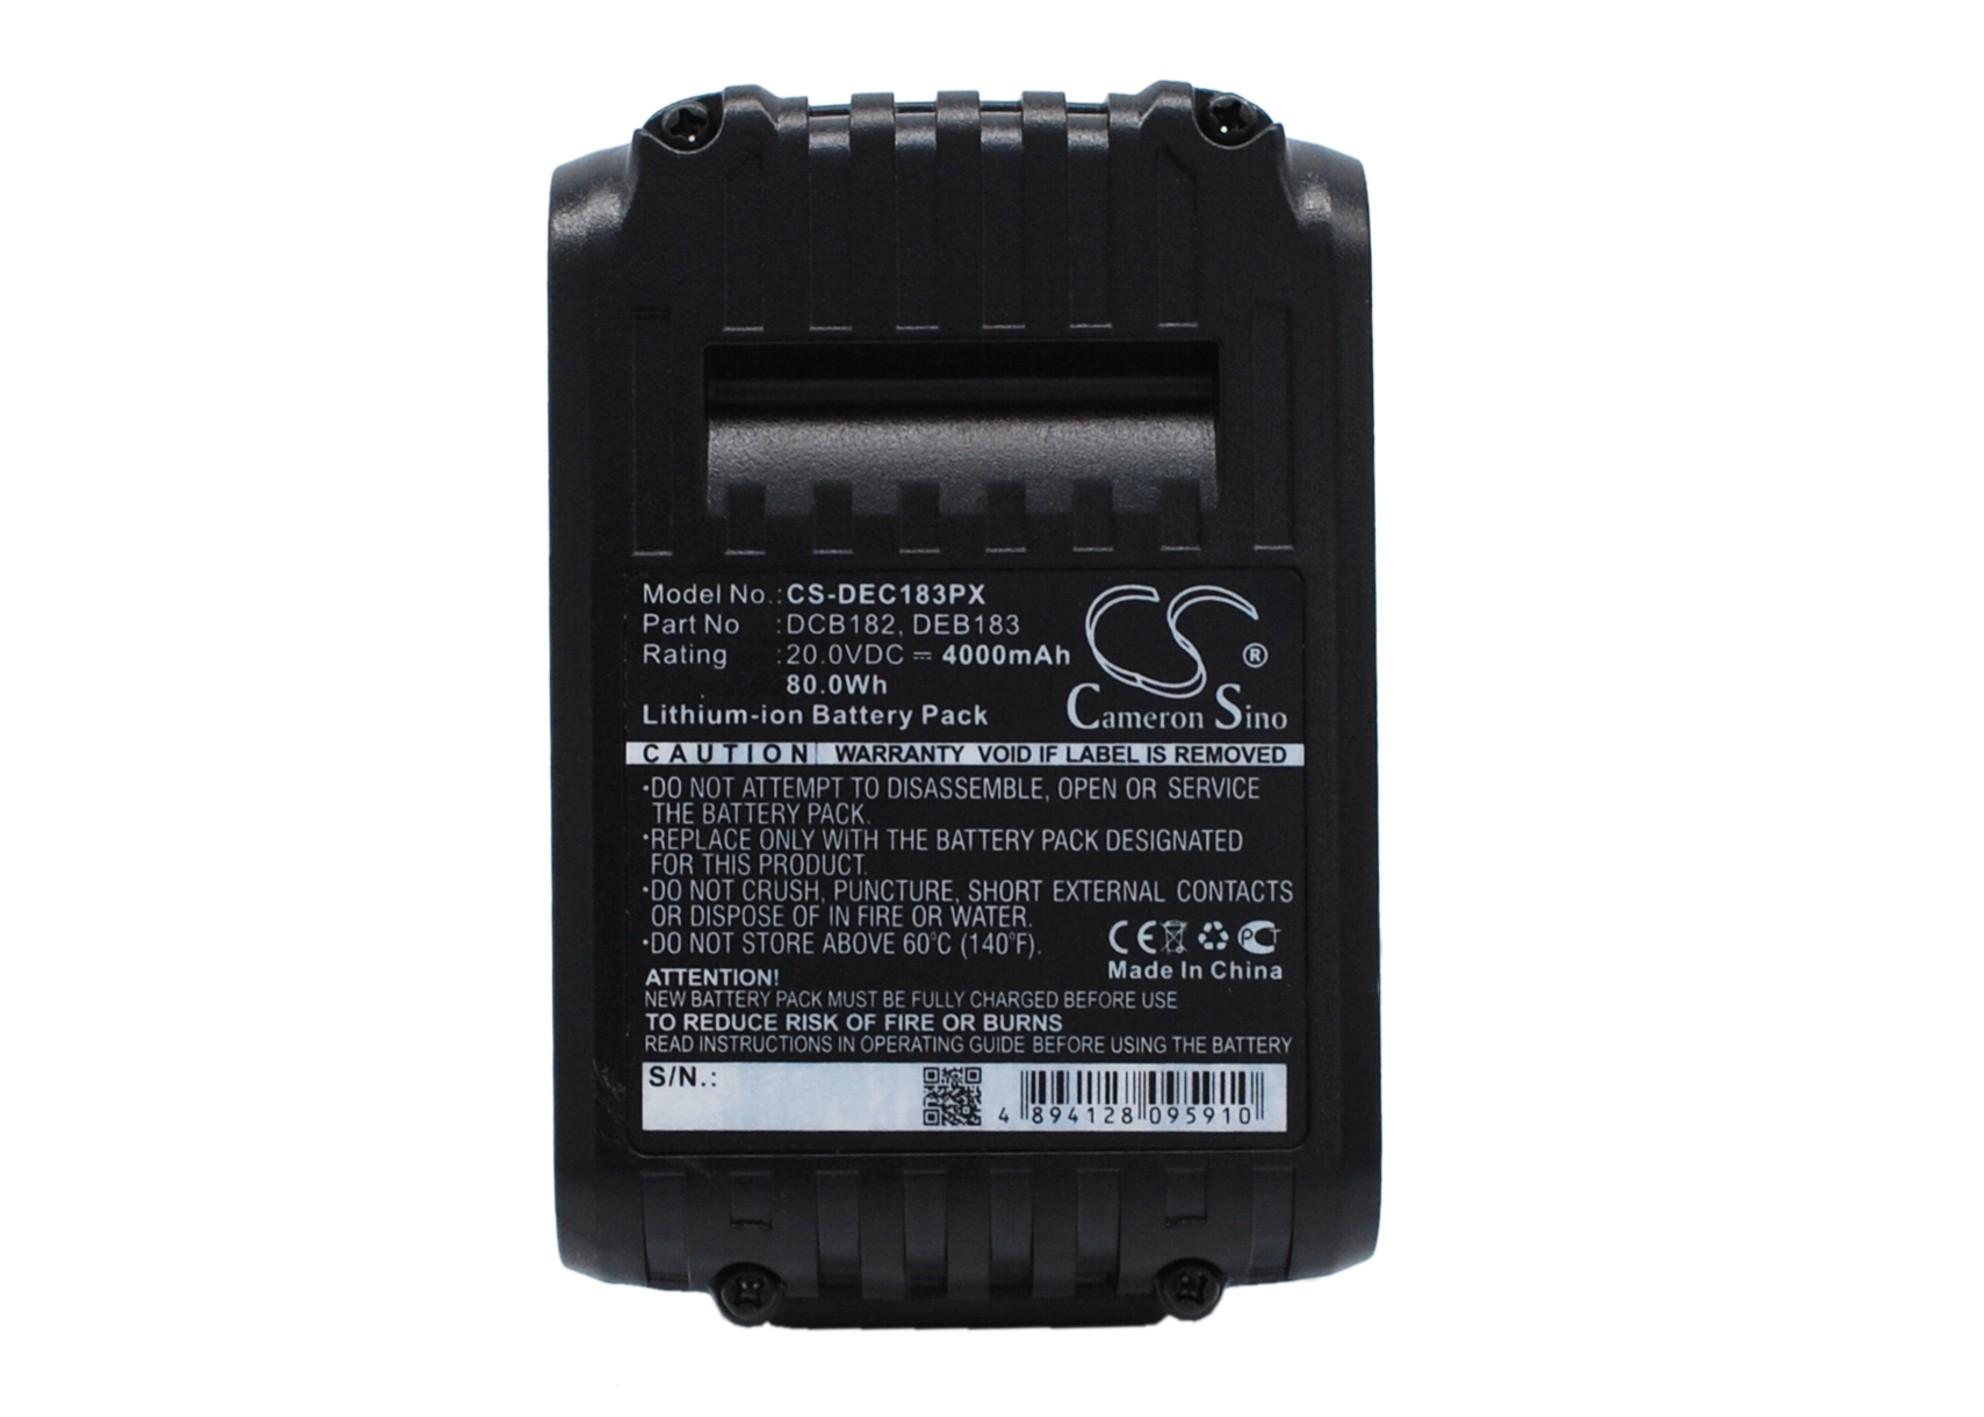 Cameron Sino baterie do nářadí pro DEWALT DCS331L2 20V Li-ion 4000mAh černá - neoriginální